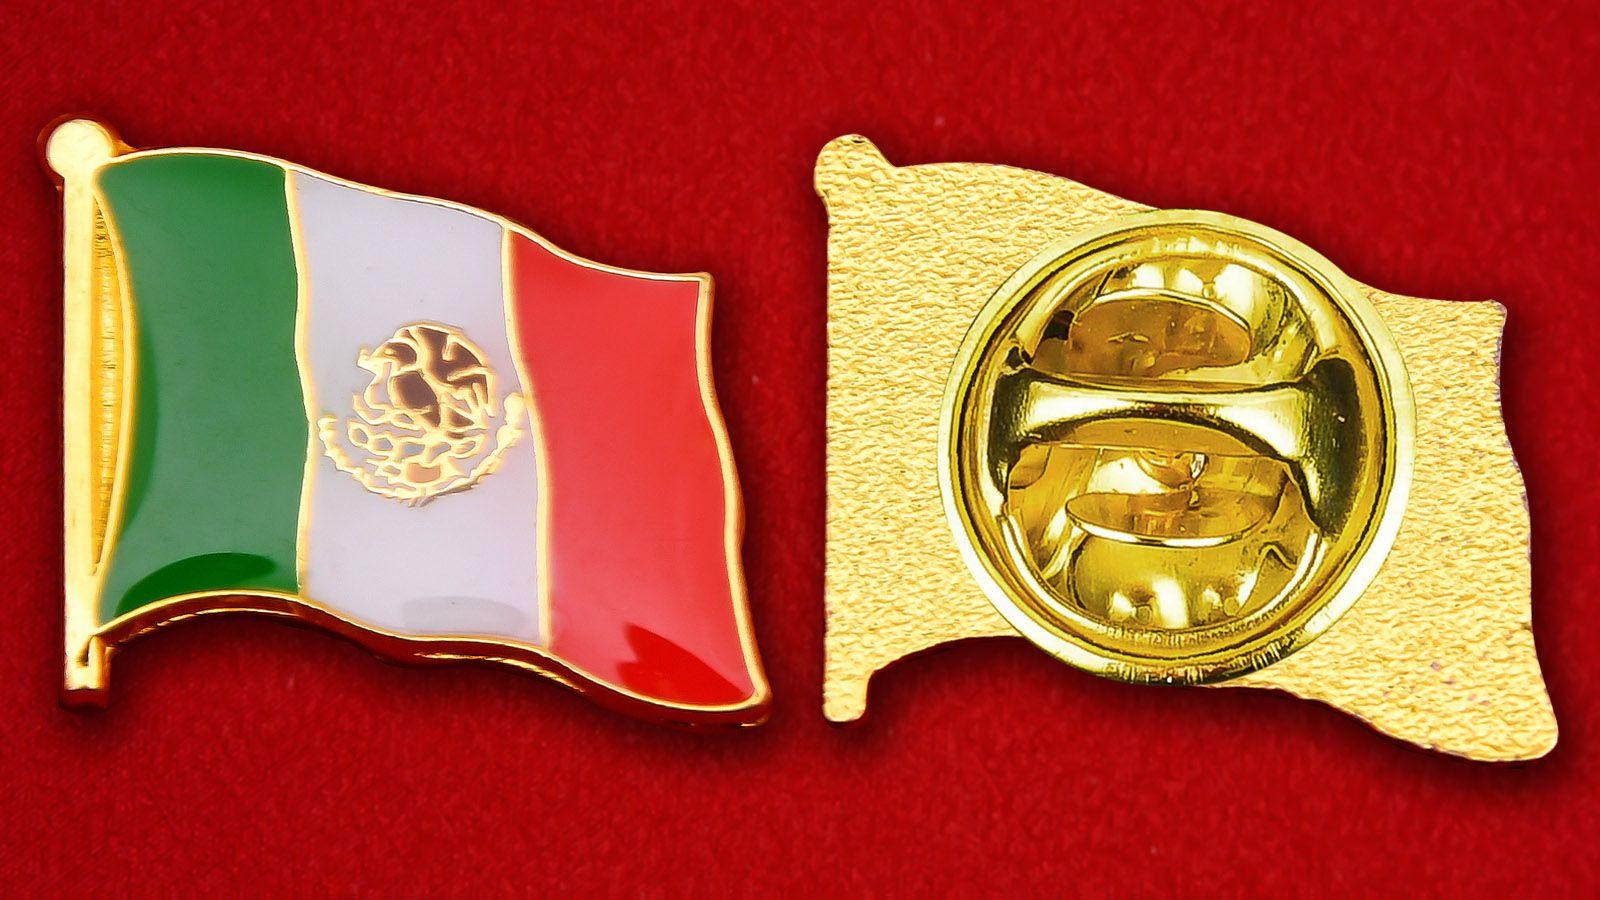 Значок Флага Мексики - аверс и реверс